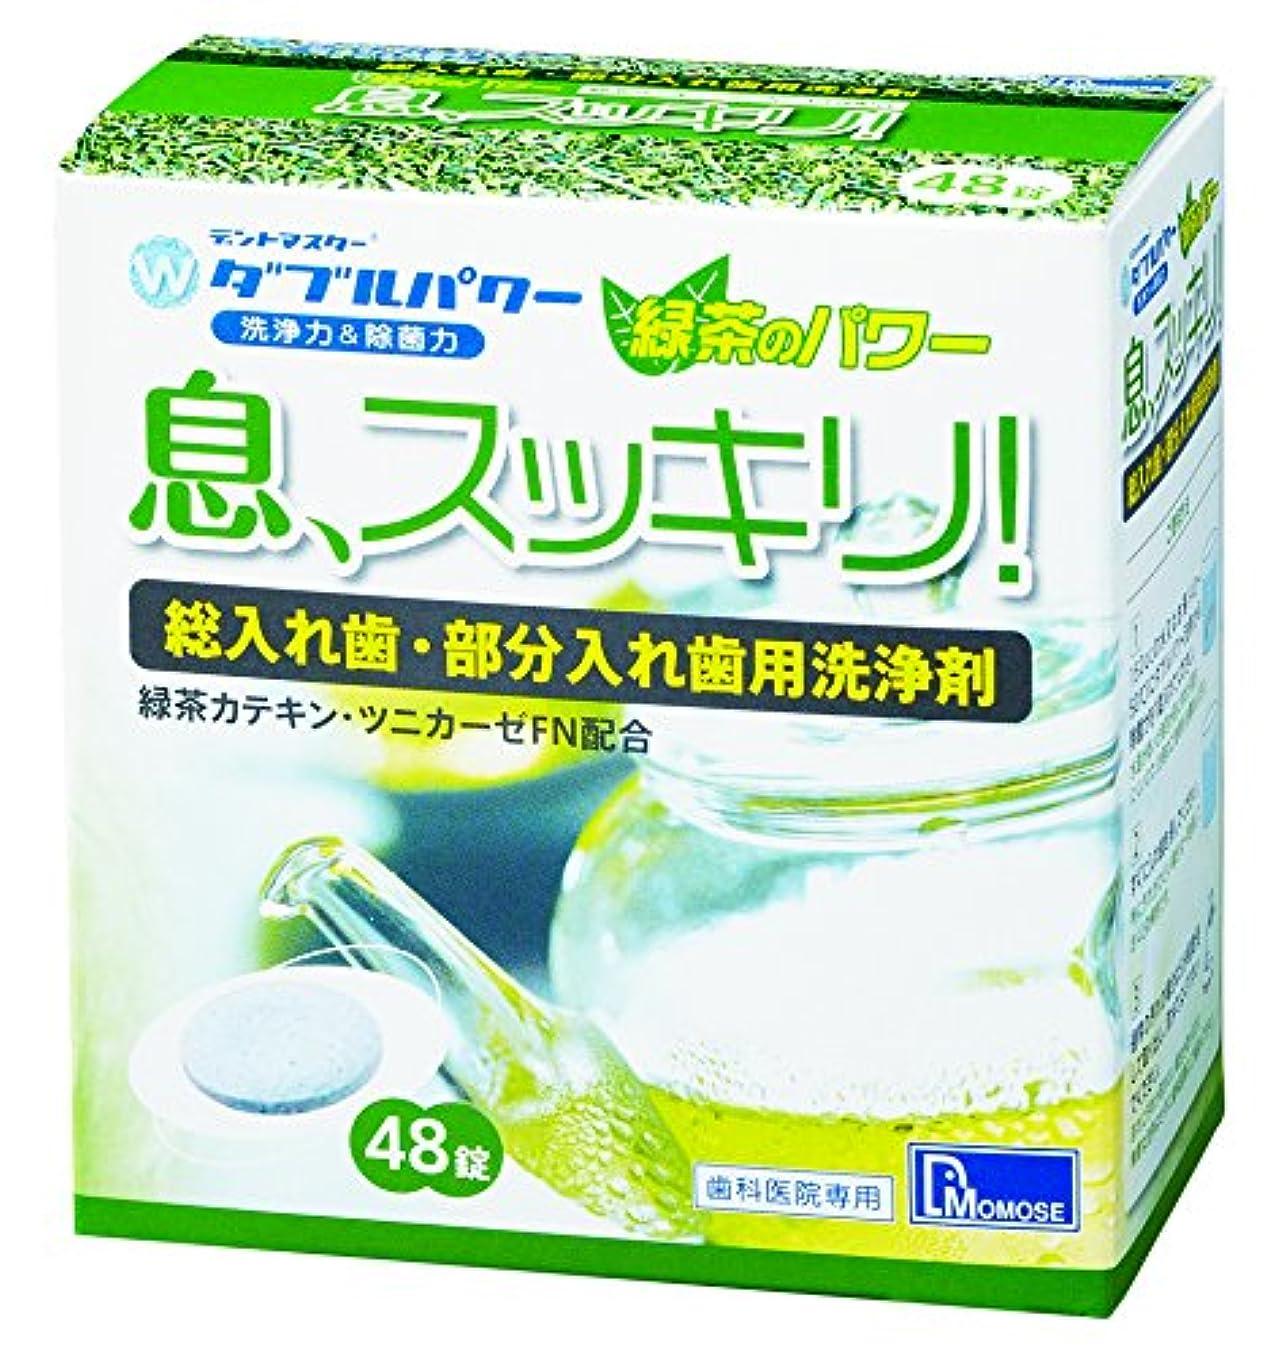 谷ボランティア白菜入れ歯洗浄剤(息、スッキリ!) 1箱(48錠入) 48錠入り /8-6839-01